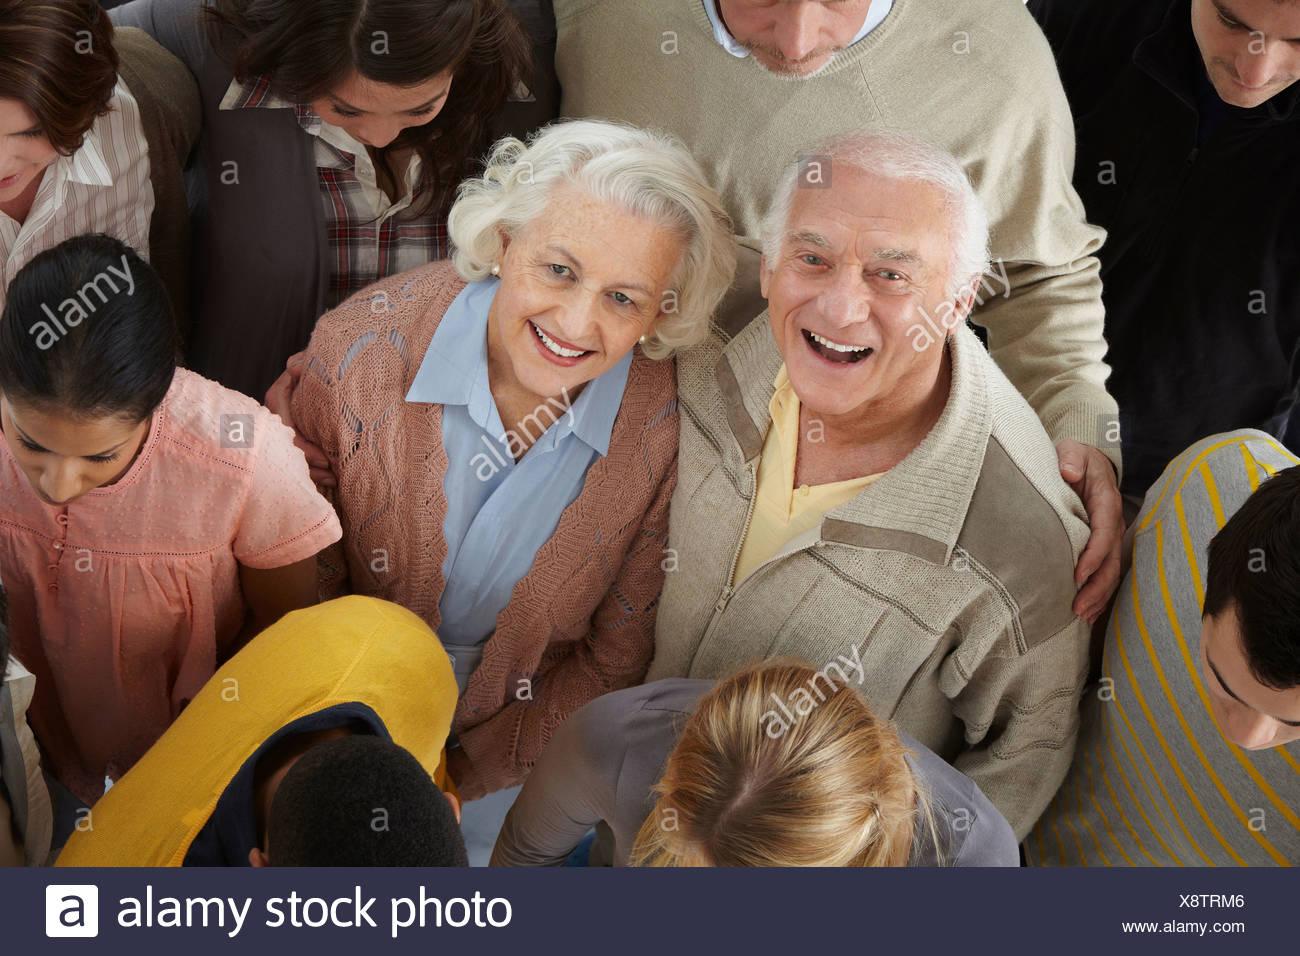 Portrait de groupe de personnes looking at camera, high angle Banque D'Images